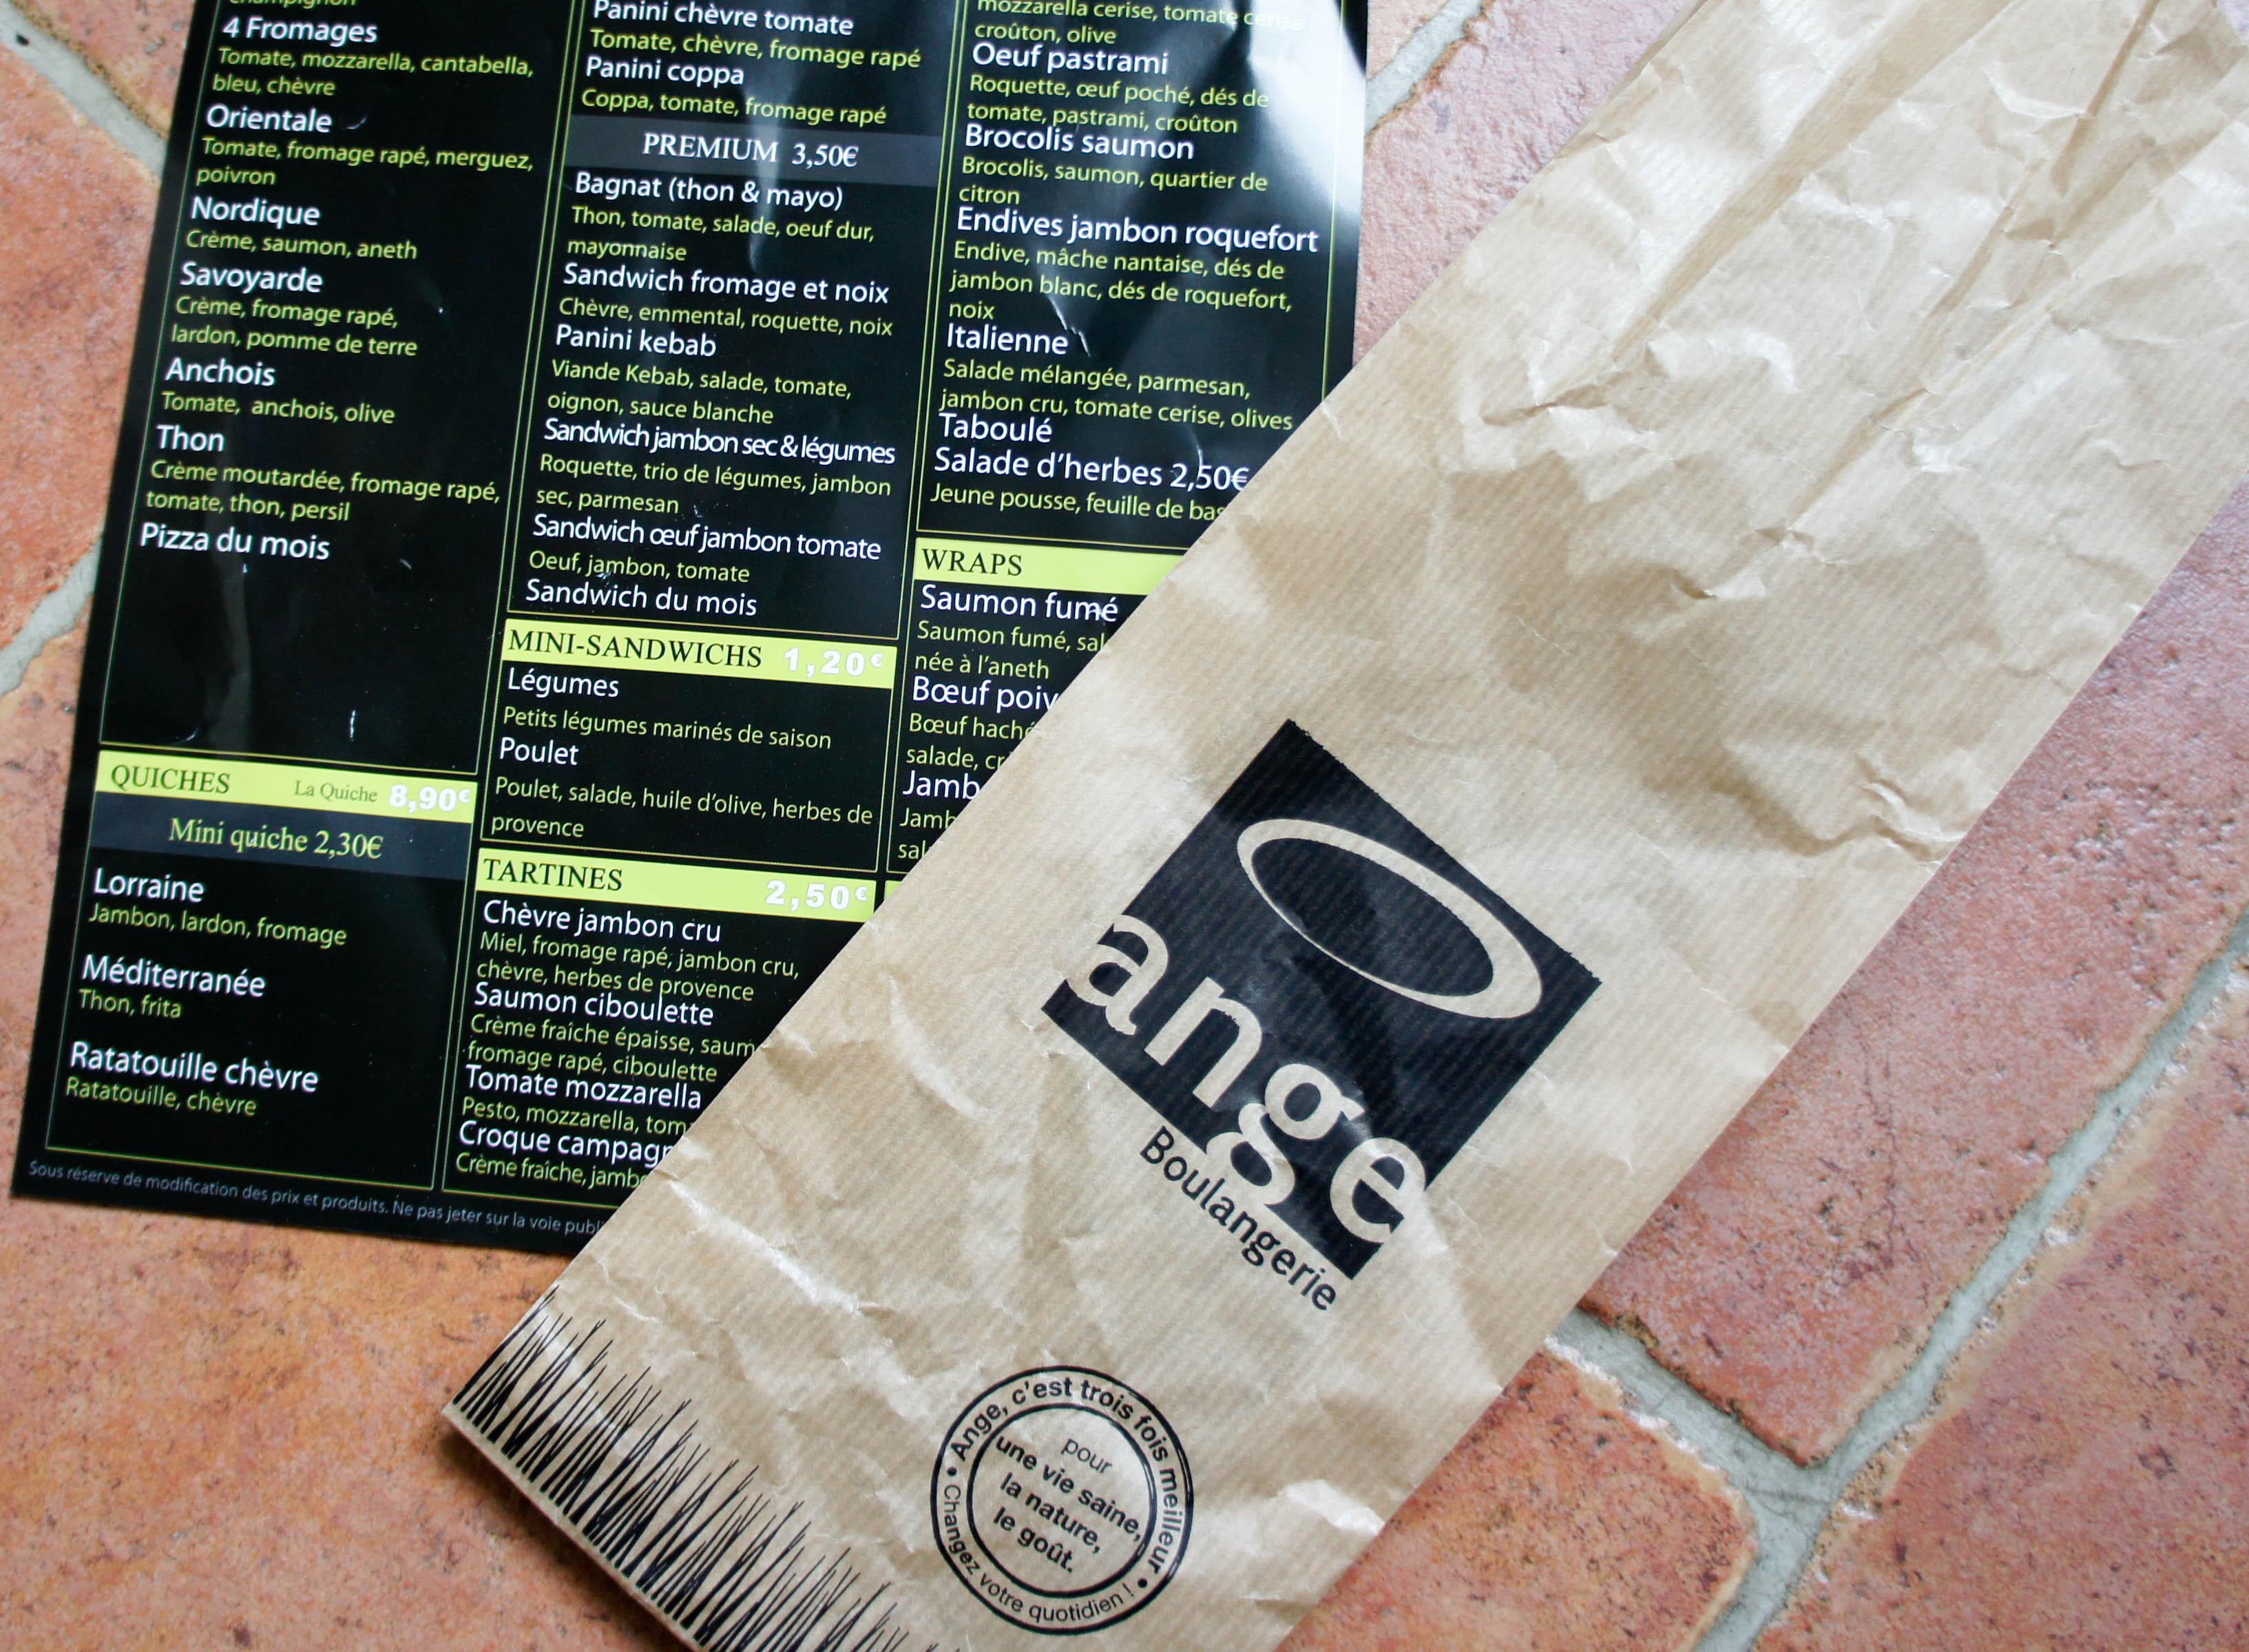 Carte Boulangerie Ange.Boulangeries Ange Un Concept Qui Veille Painrisien